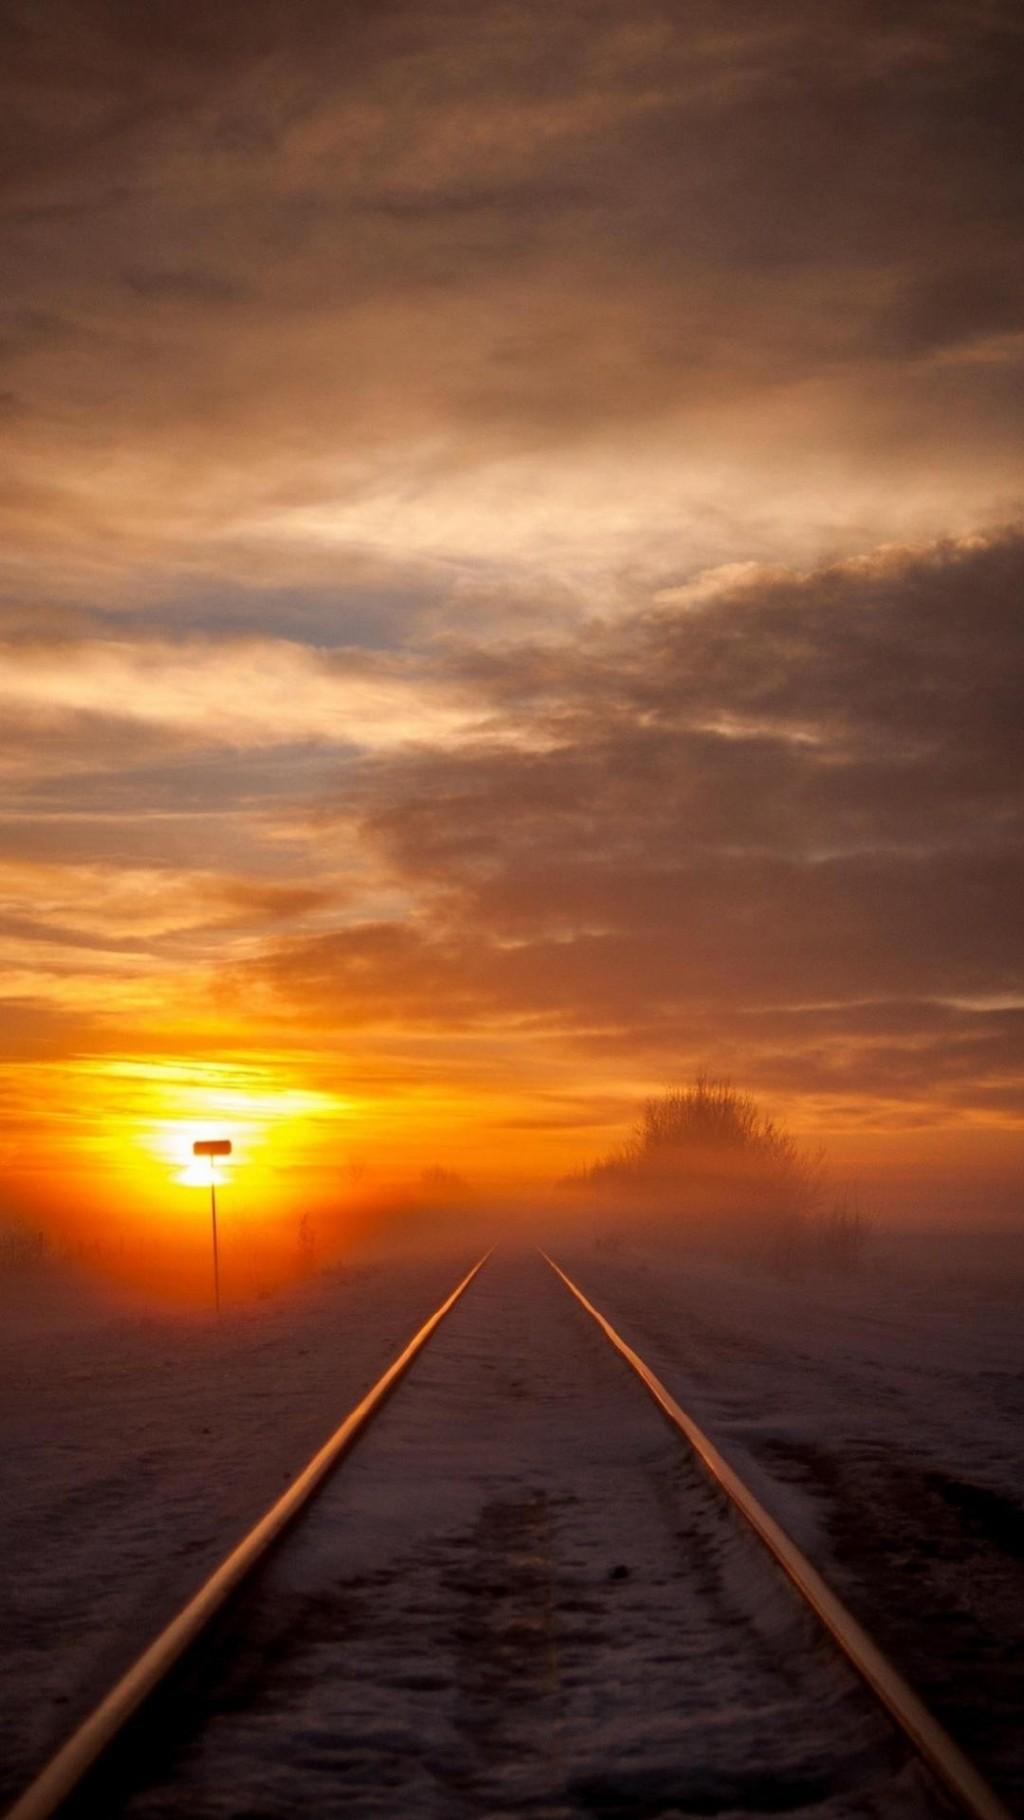 火车轨道唯美风景,火车轨道图片